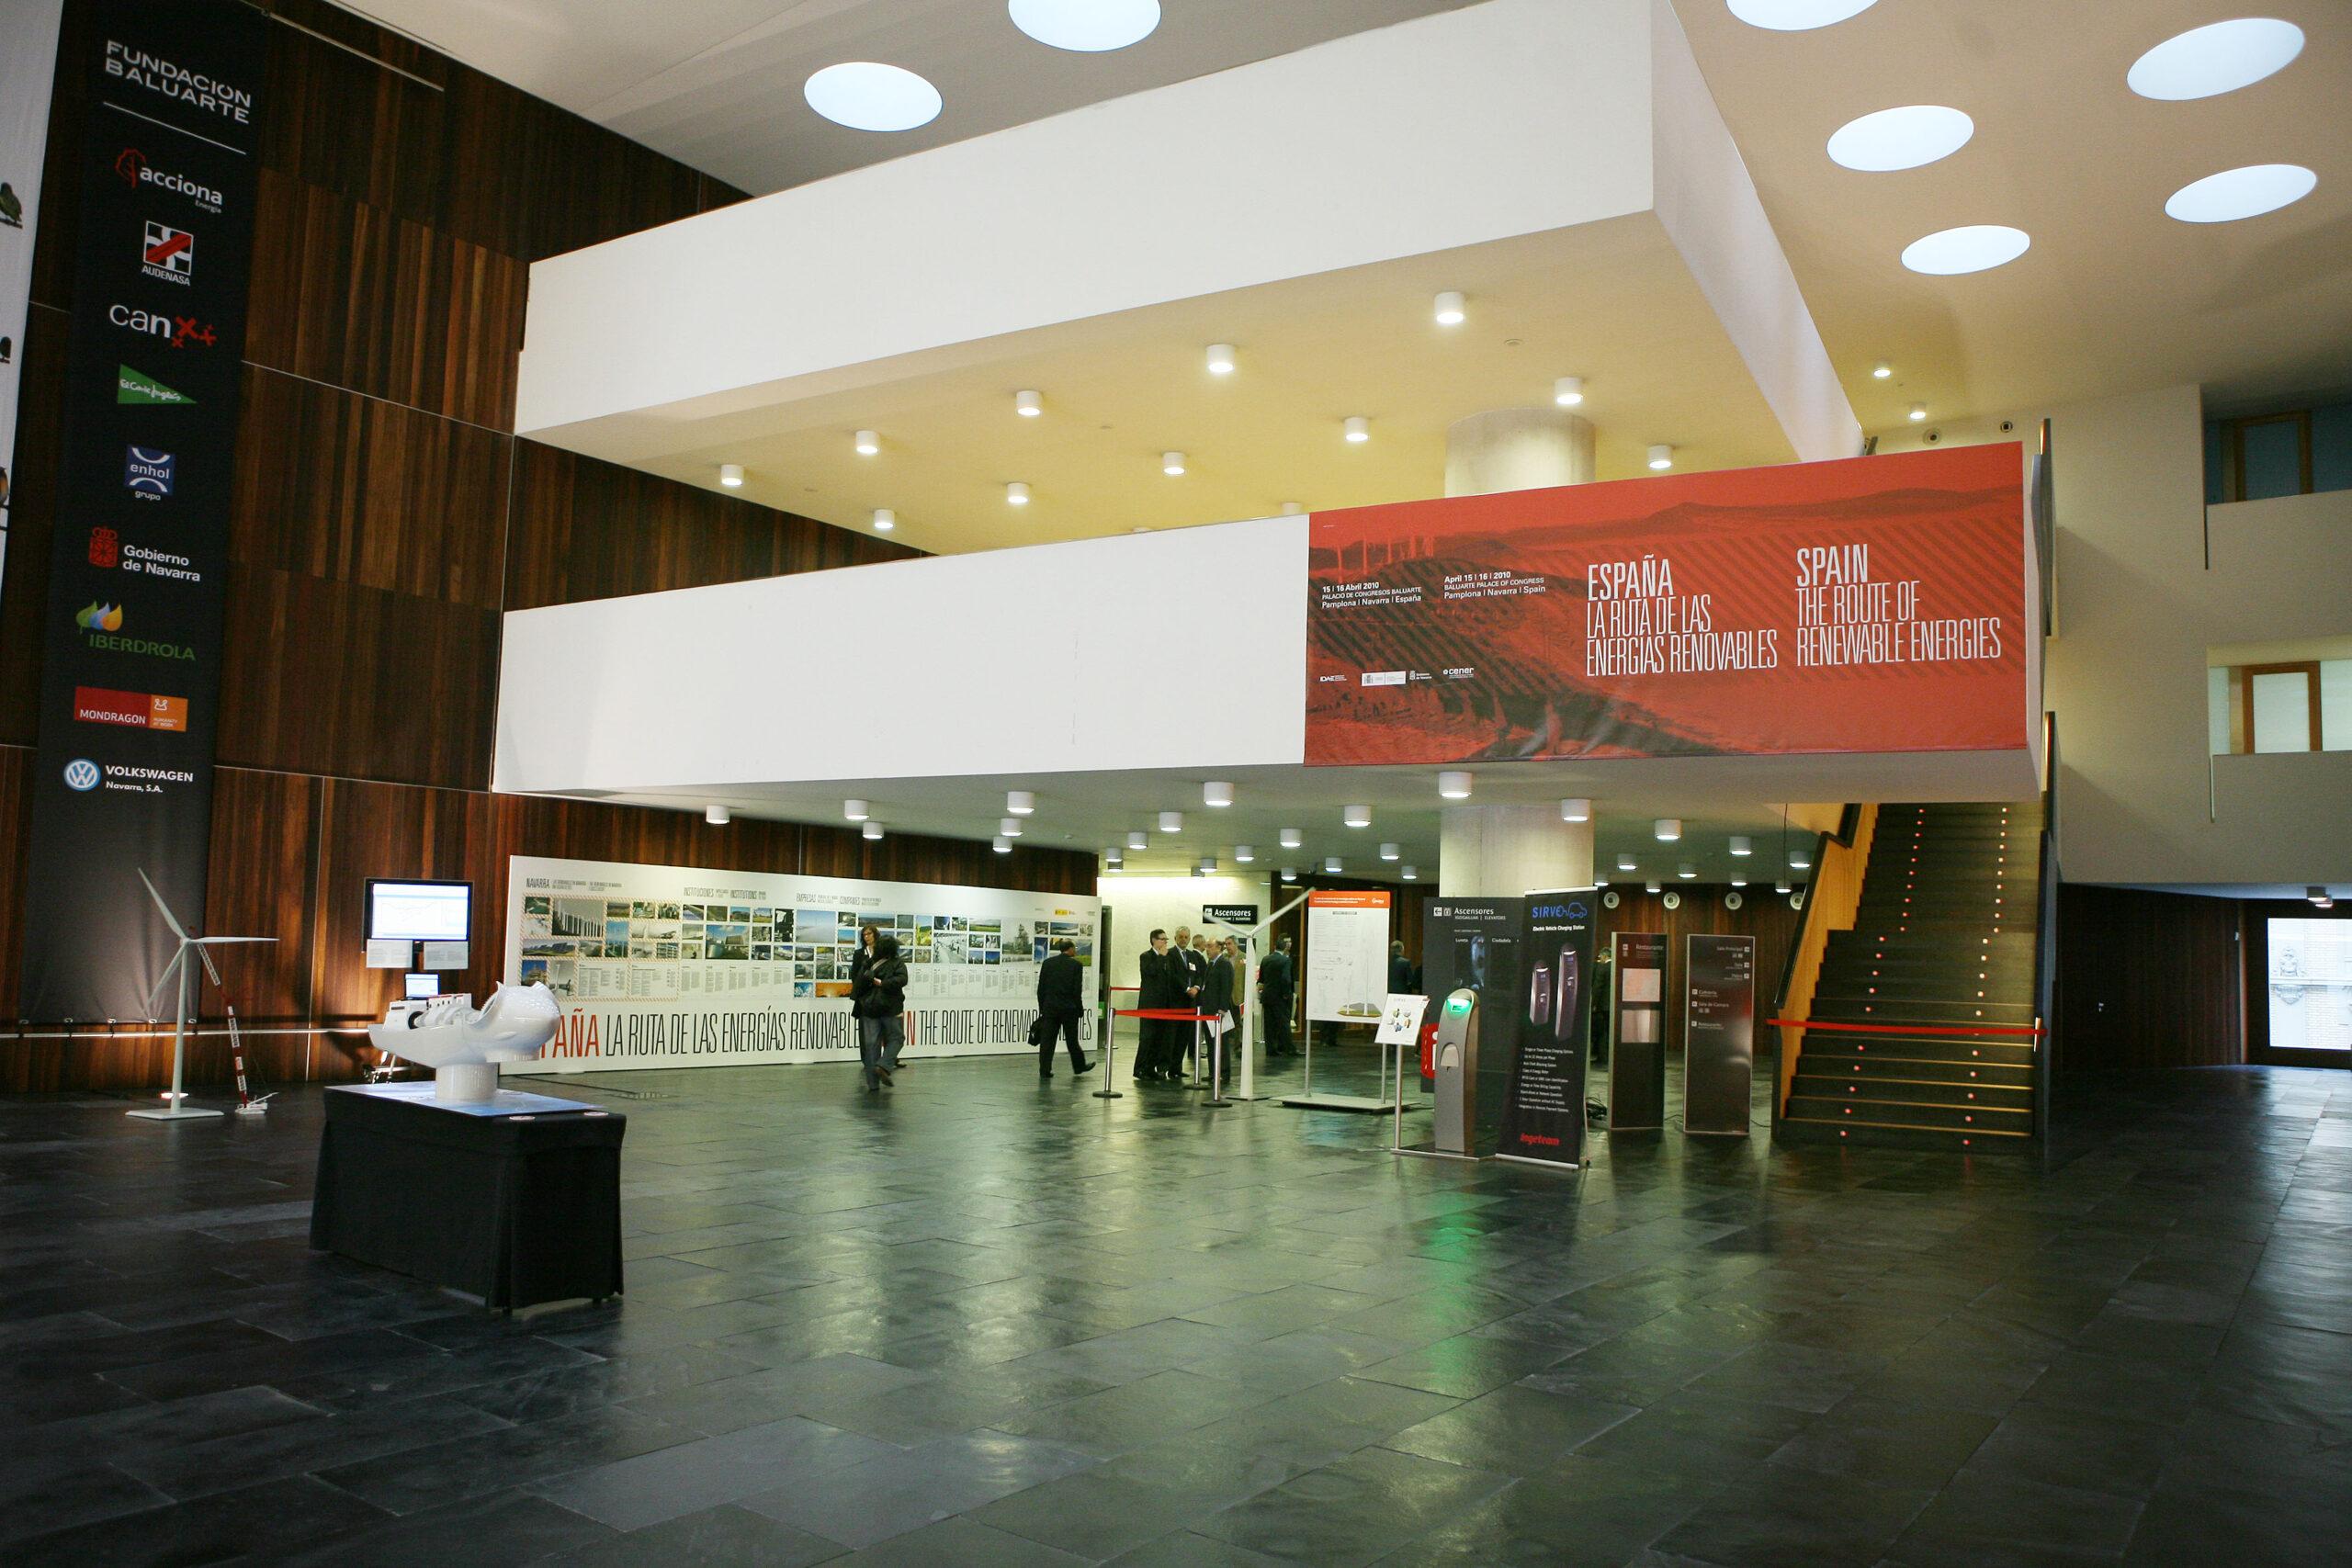 Exposición organizada por CENER con motivo de la reunión de responsables de Energía europeos en Pamplona, coincidiendo con la presidencia española de la UE (2010).